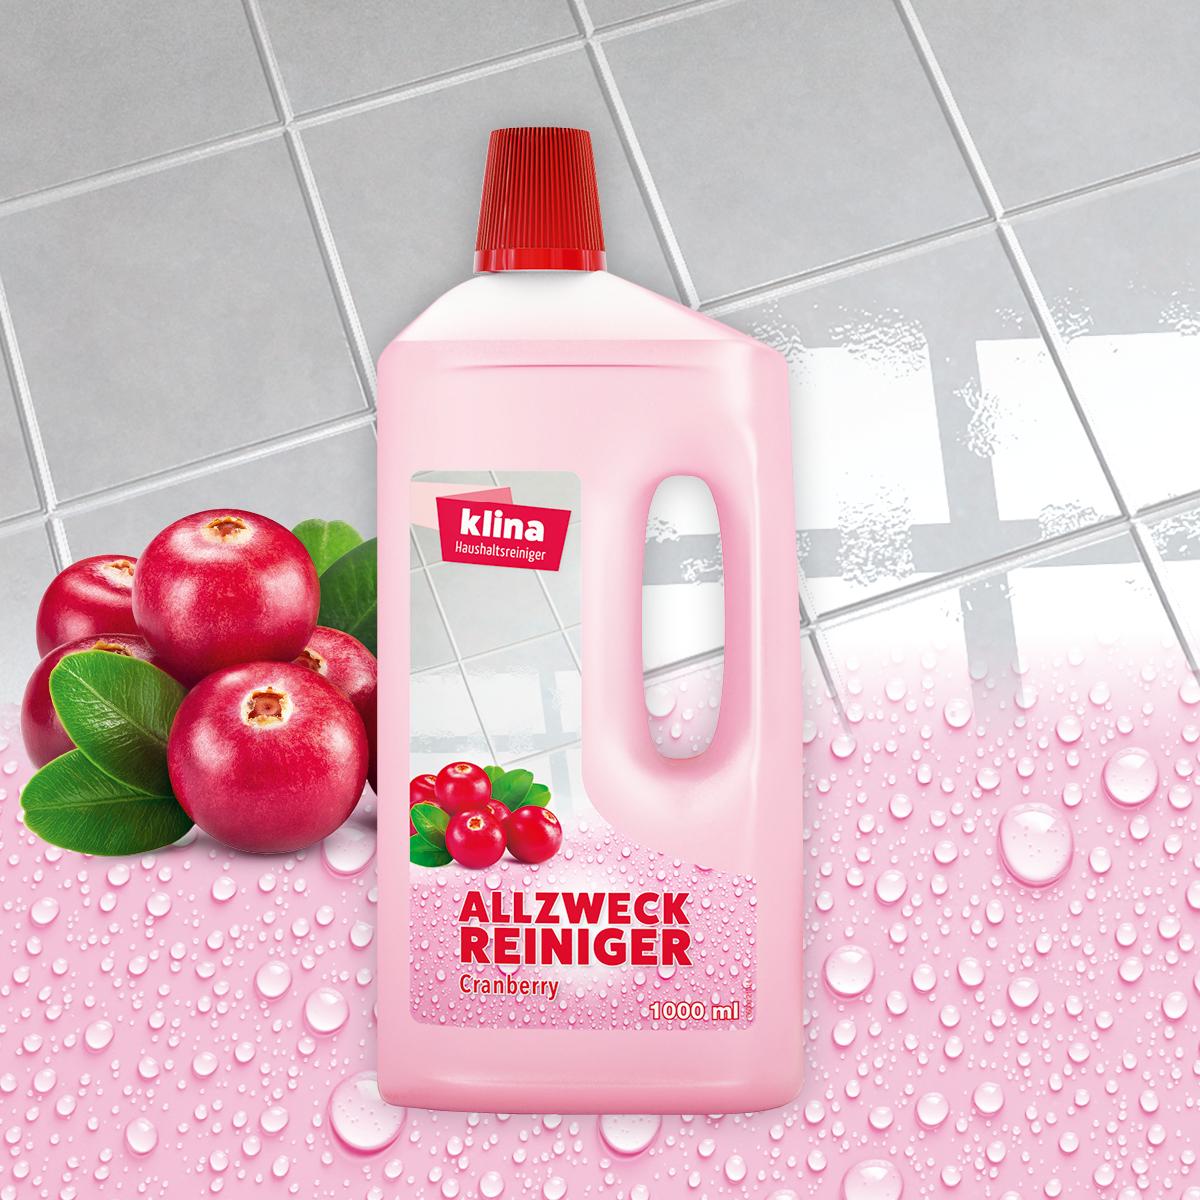 klina Allzweckreiniger Cranberry 1,0 L